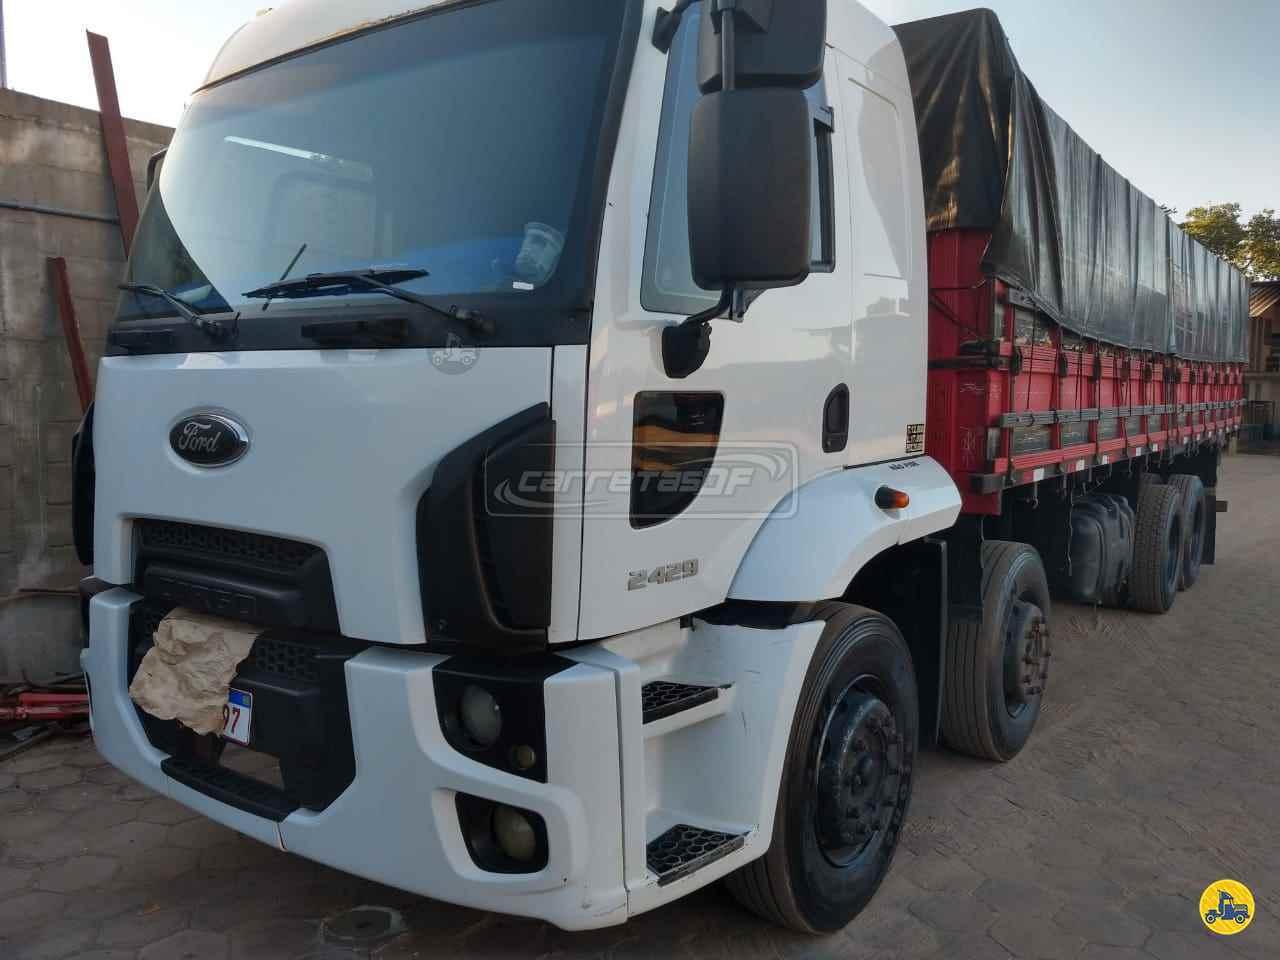 CAMINHAO FORD CARGO 2429 Graneleiro BiTruck 8x2 CARRETAS DF - NOMA BRASILIA DISTRITO FEDERAL DF